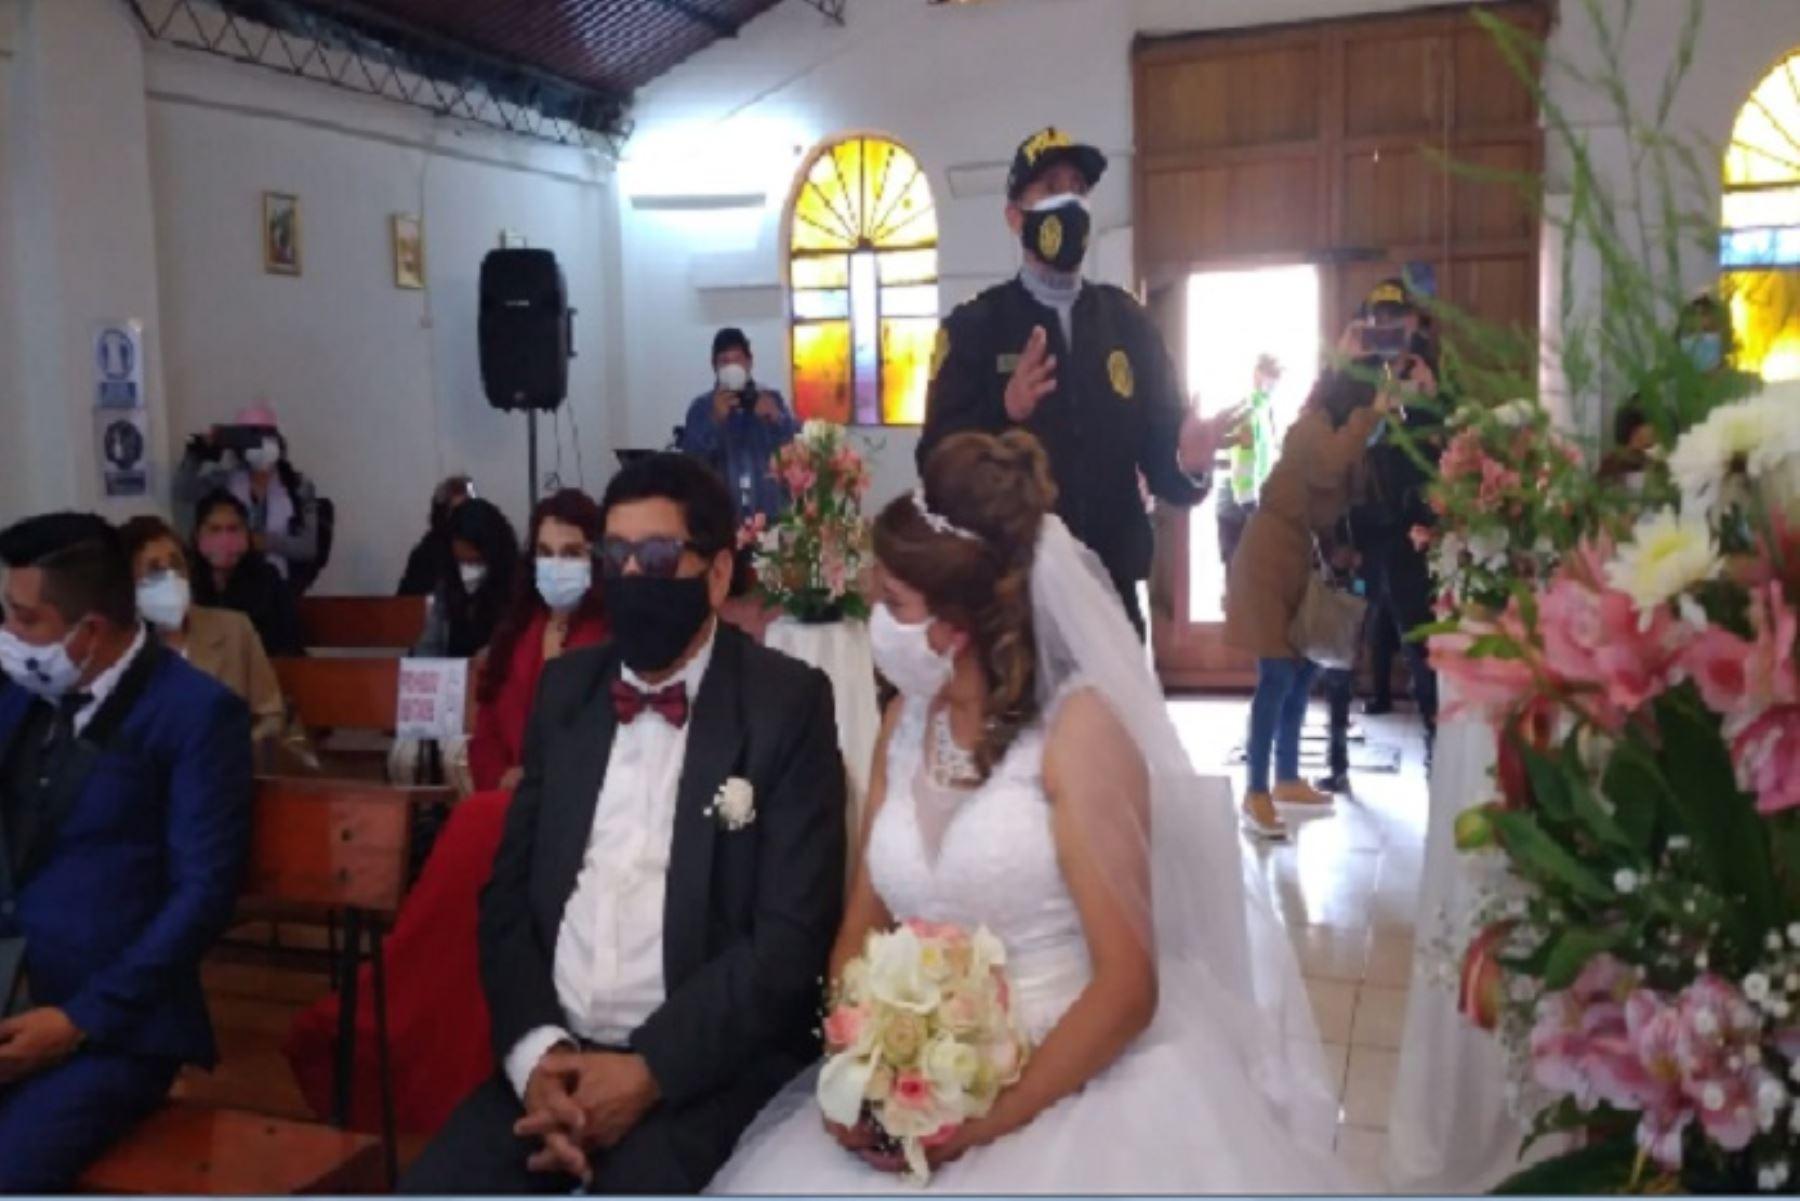 Los novios y concurrentes se encerraron con candado en la capilla